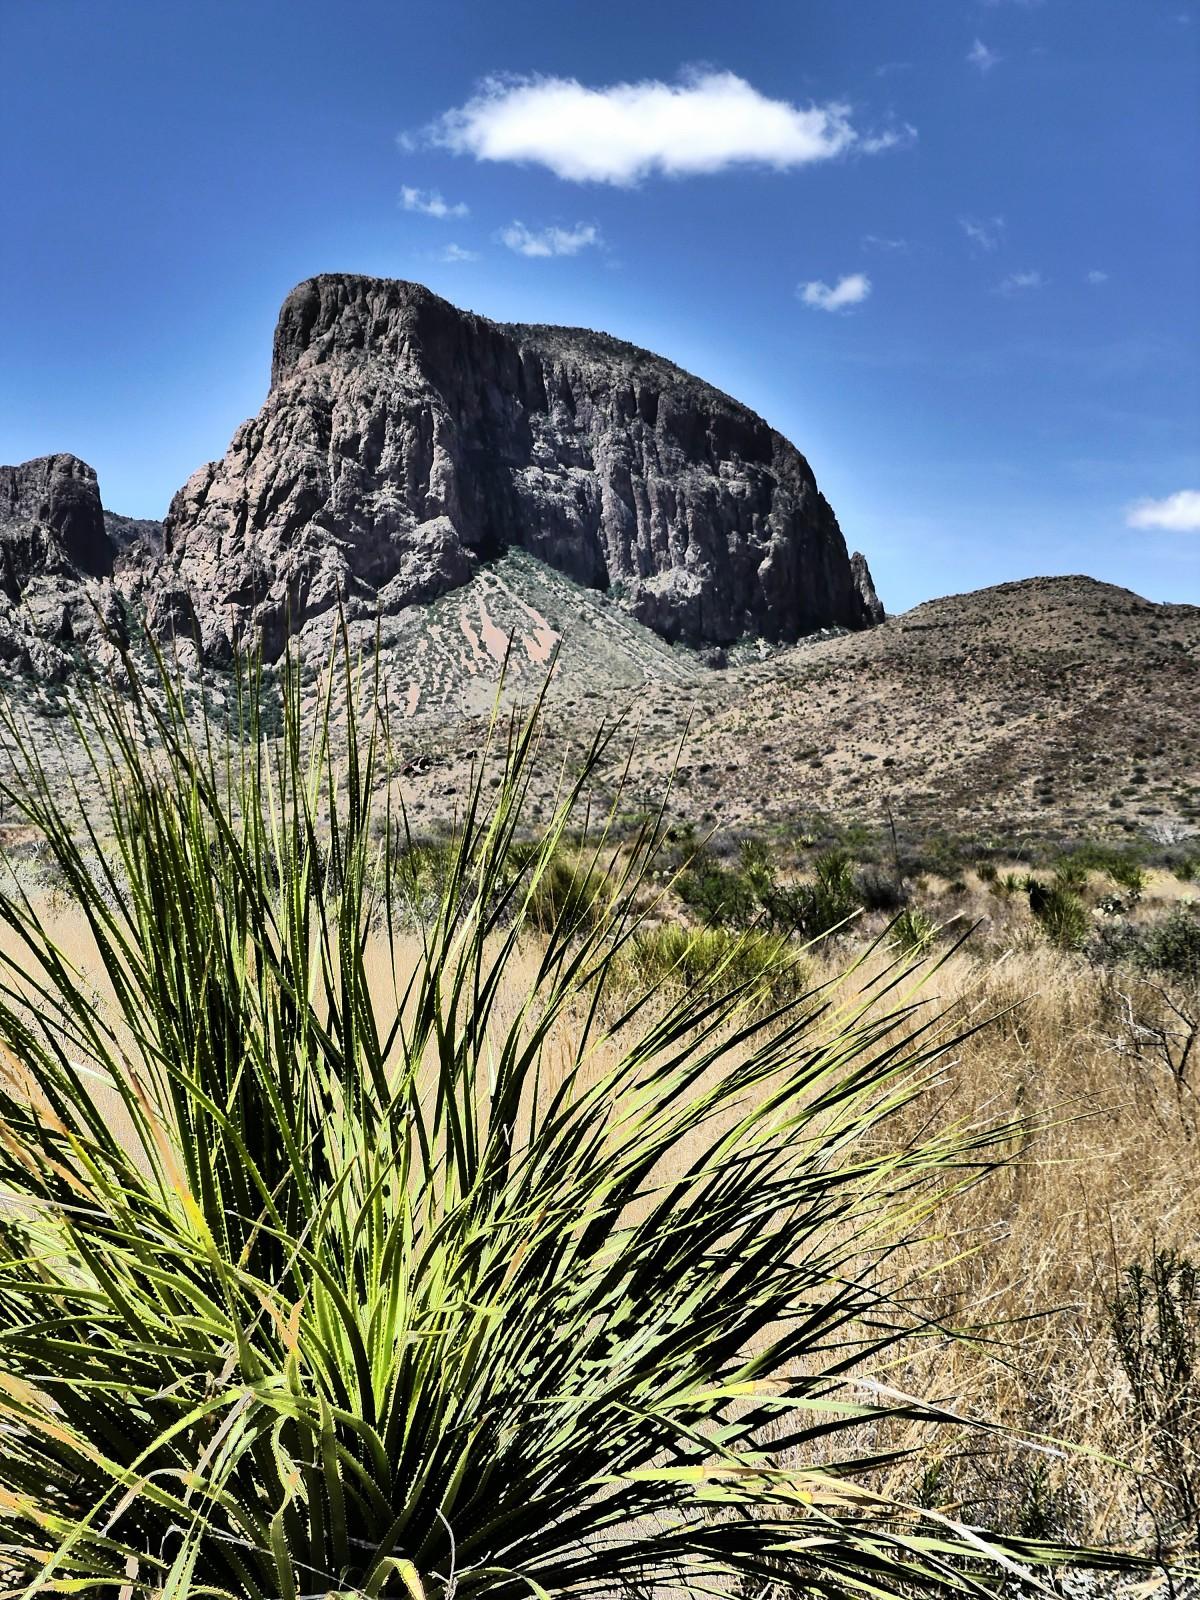 peak with cactus